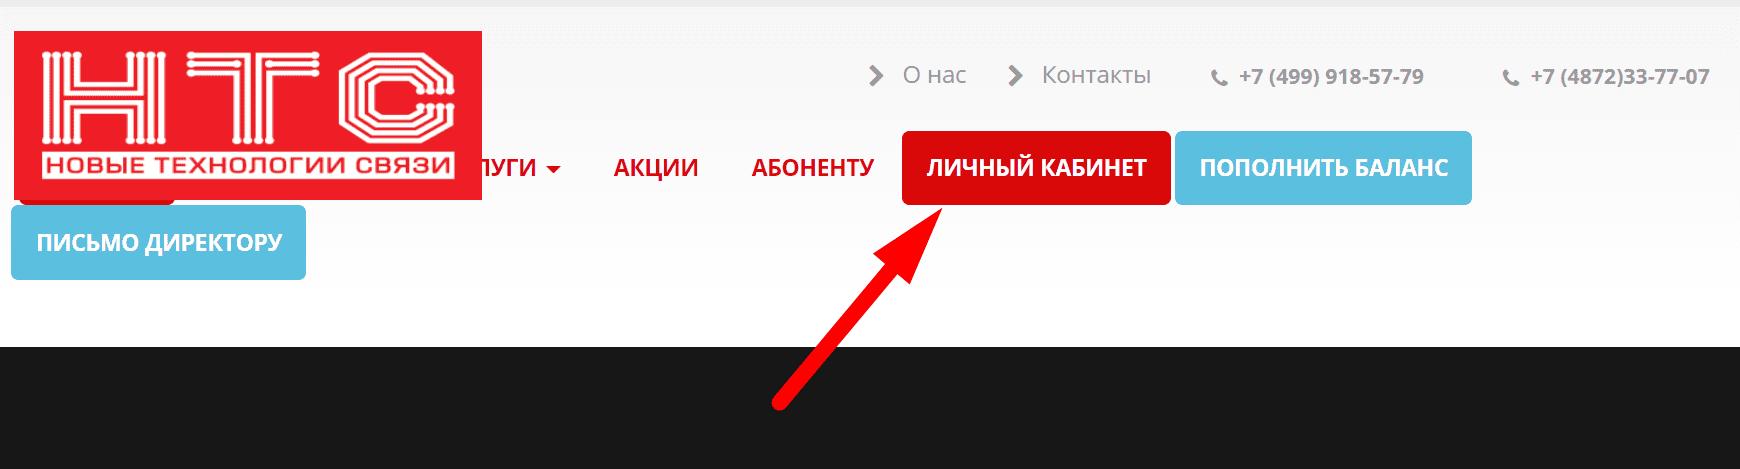 Официальный сайт интернет провайдера «НТС»